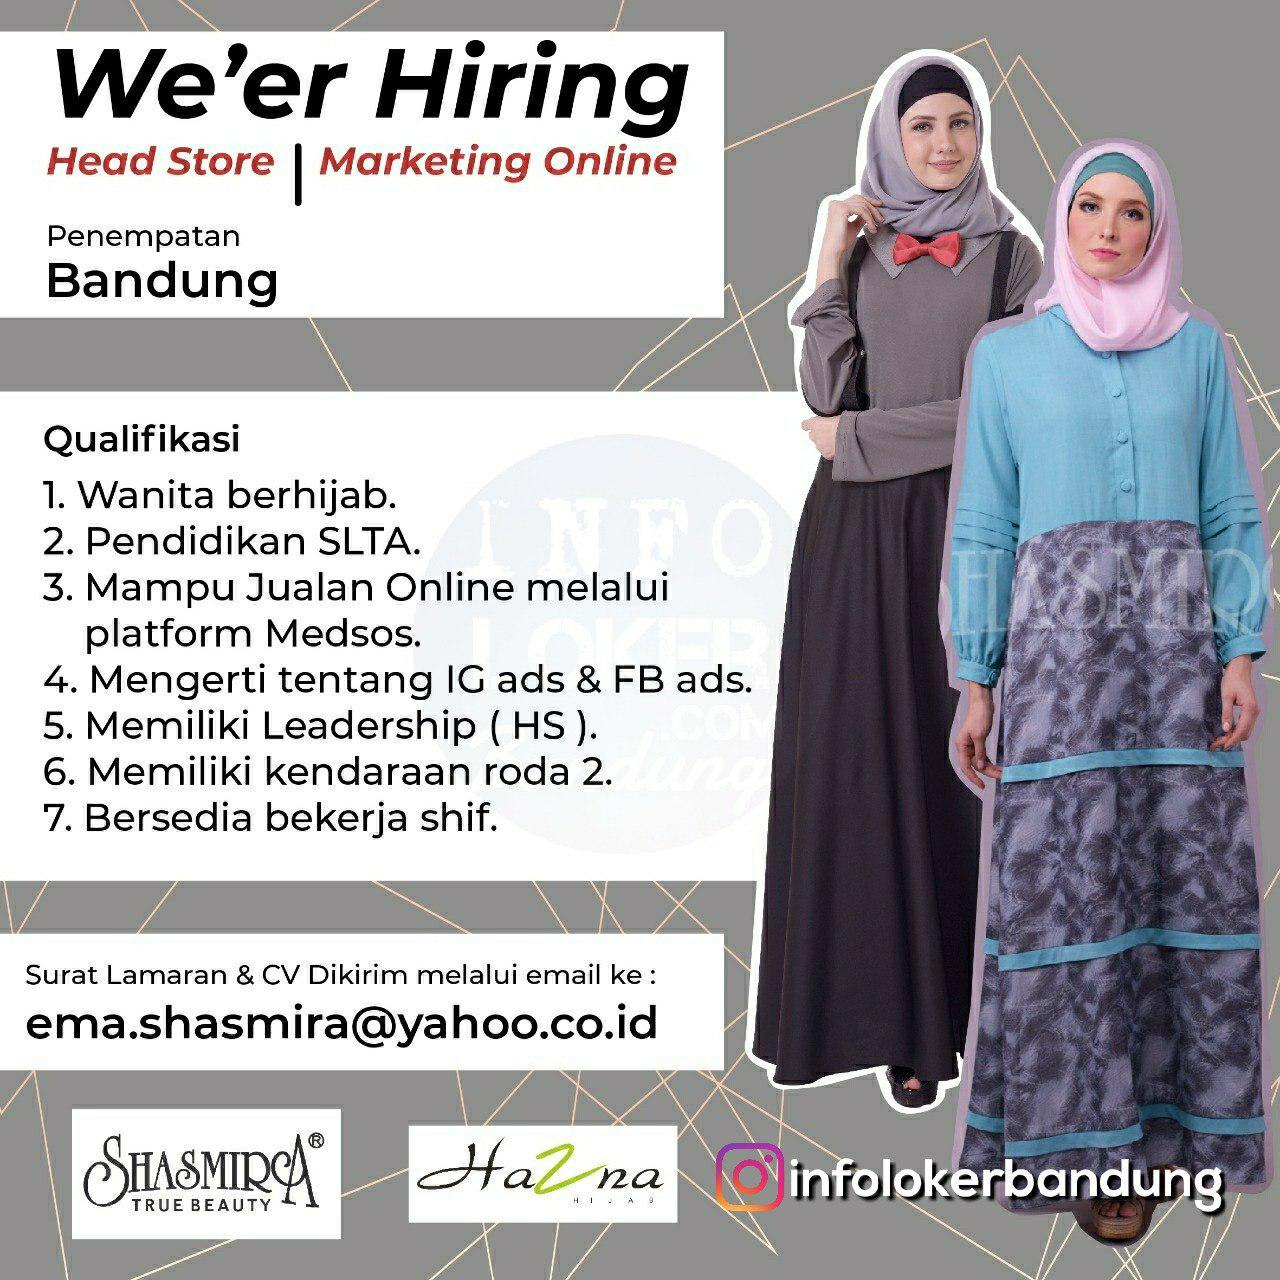 Lowongan Kerja Shasmira True Beauty Bandung Januari 2018